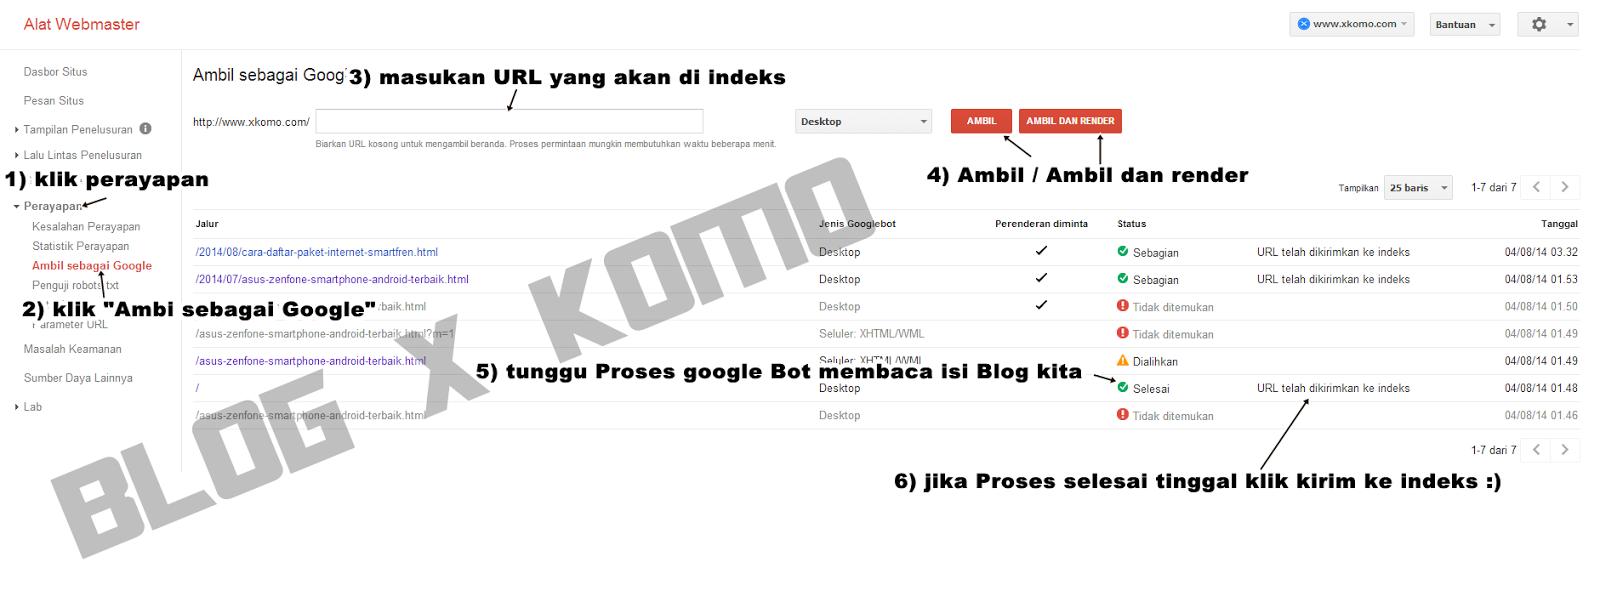 Cara Agar Artikel Blog Cepat Terindeks Ke Google dan Bisa Page One